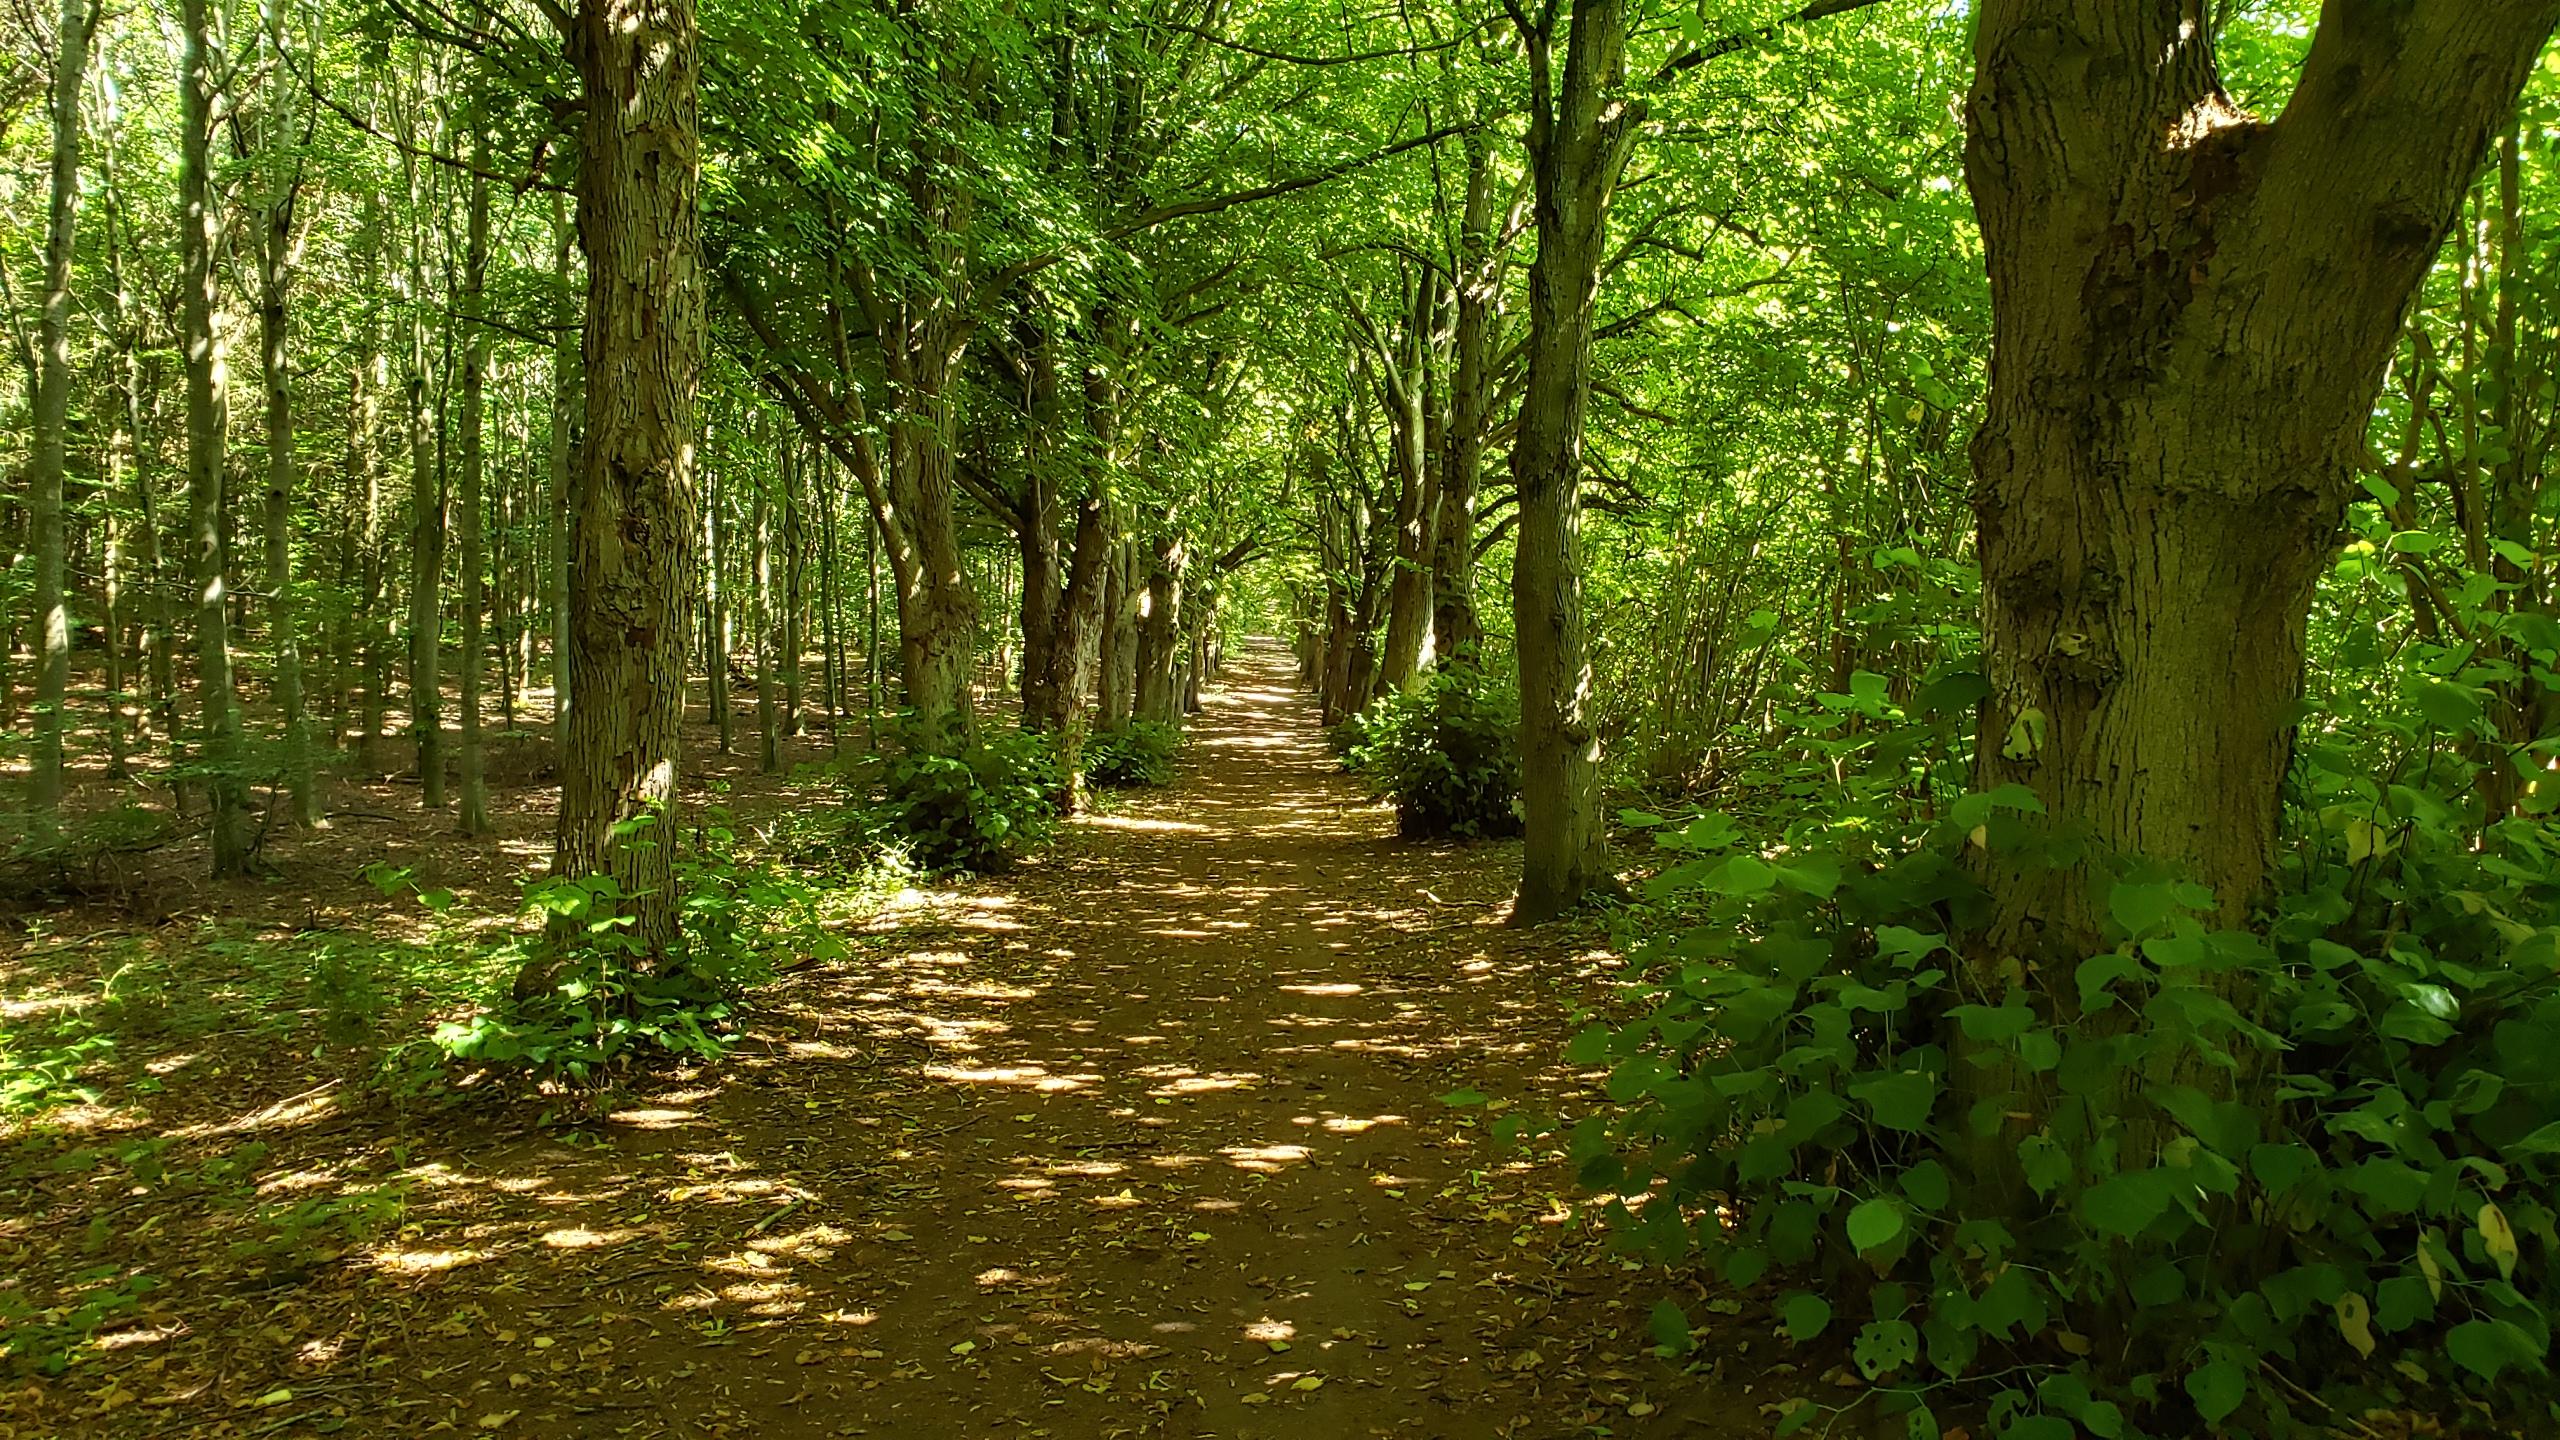 Path outside Holbæk, Denmark in the summer